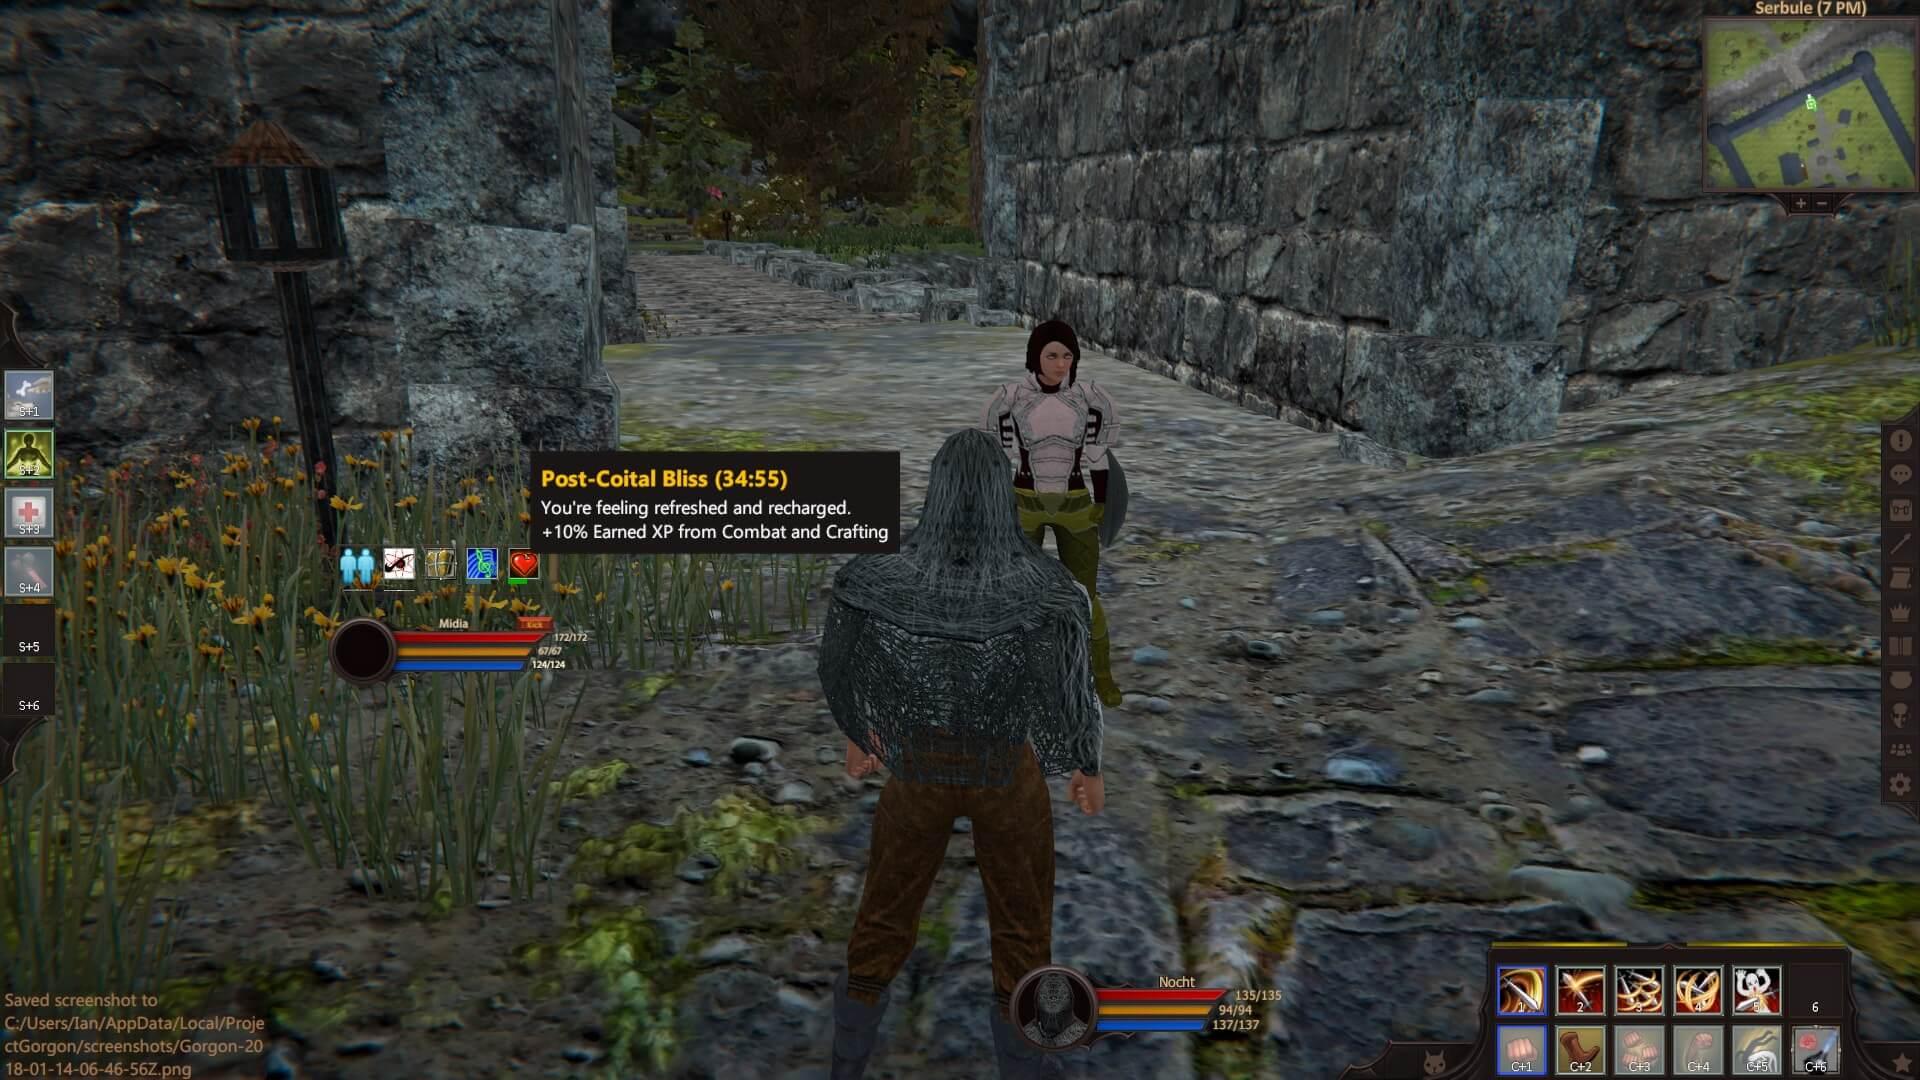 Project-Gorgon-Screenshot-Coital-Bliss